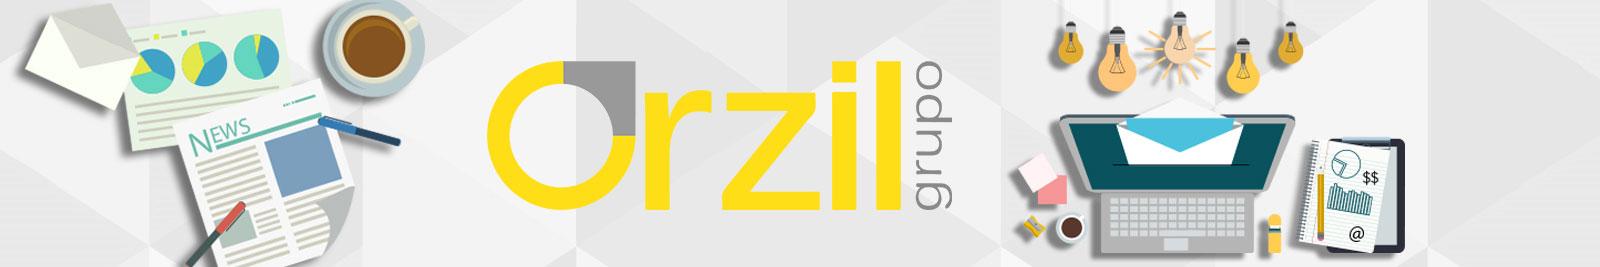 Orzil Publicações